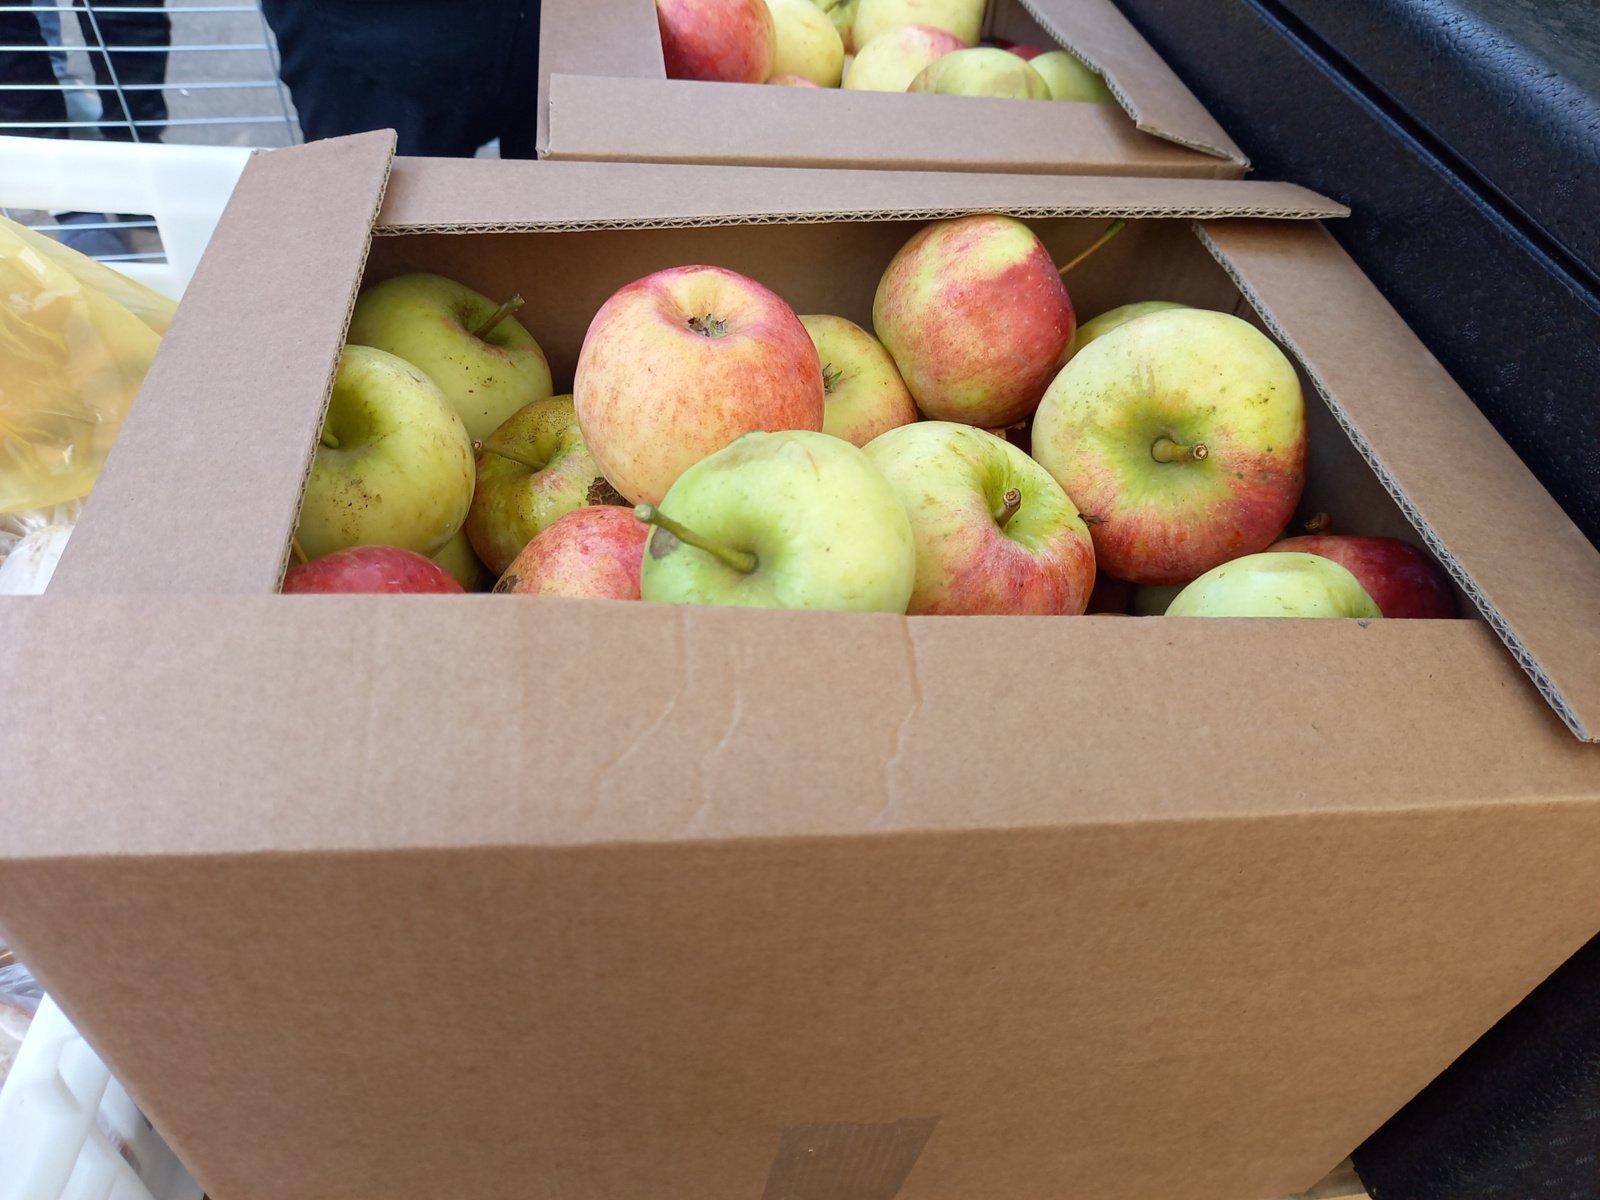 Alytaus verslas migrantus pavaišino obuoliais